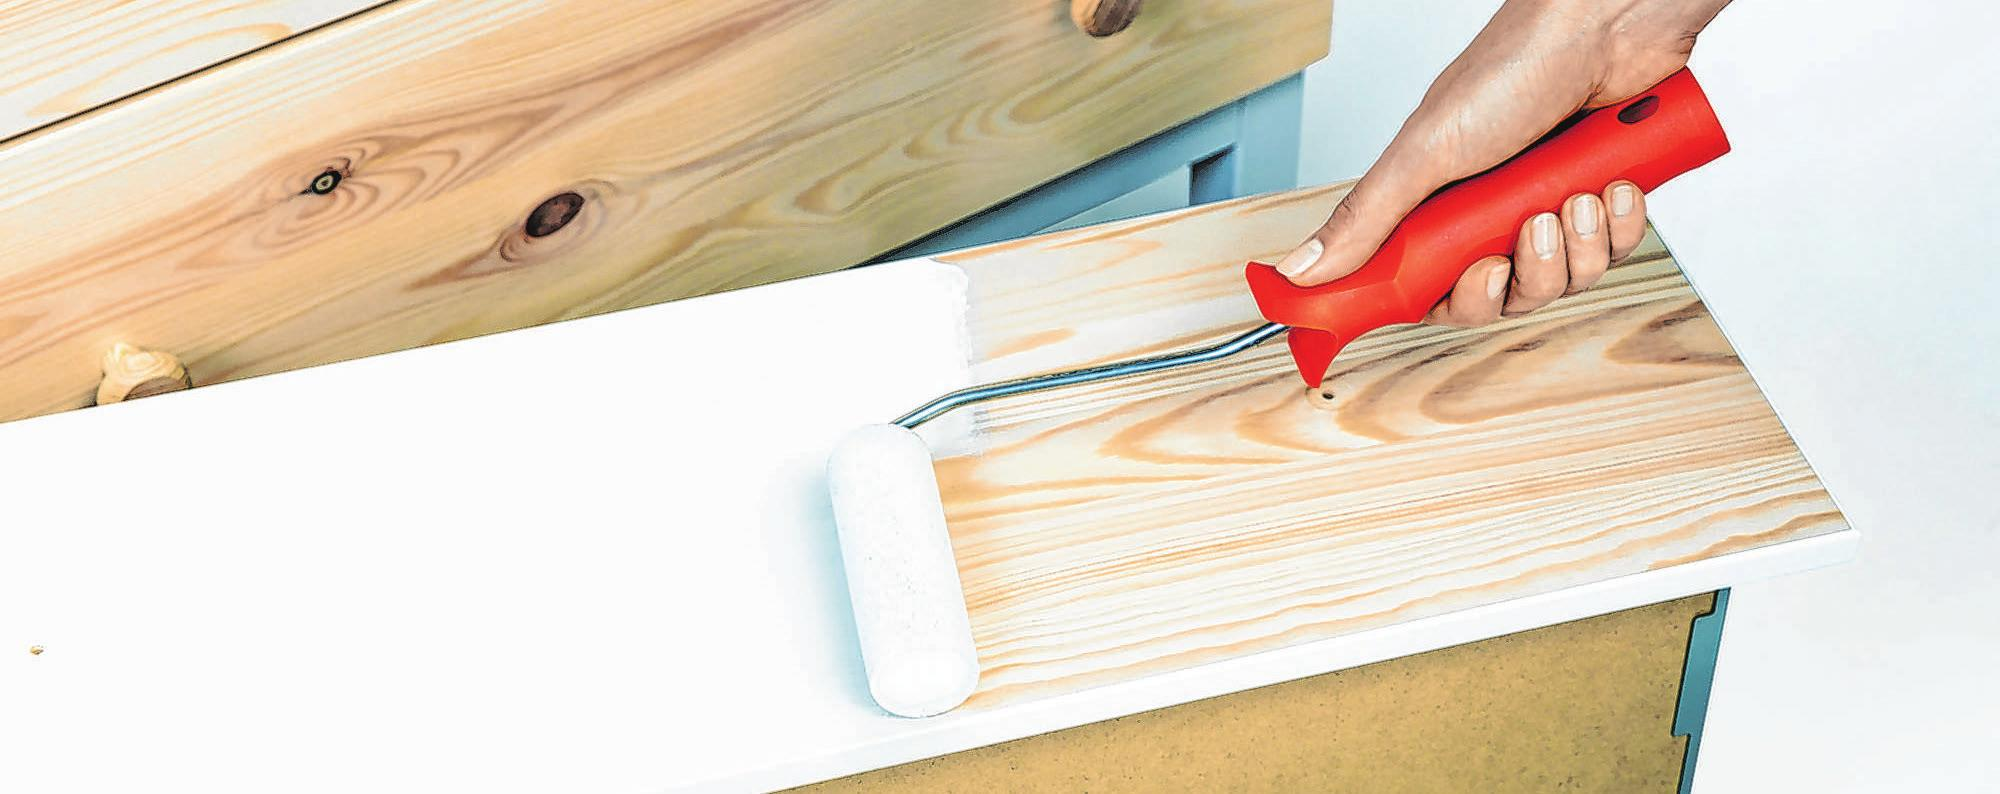 Neuer Look für Schränke und Kommoden: Mit etwas frischer Farbe kann man Holzmöbeln leicht einen anderen Charakter verleihen. Foto: Schöner Wohnen Farbe/DIY Academy/dpa-mag